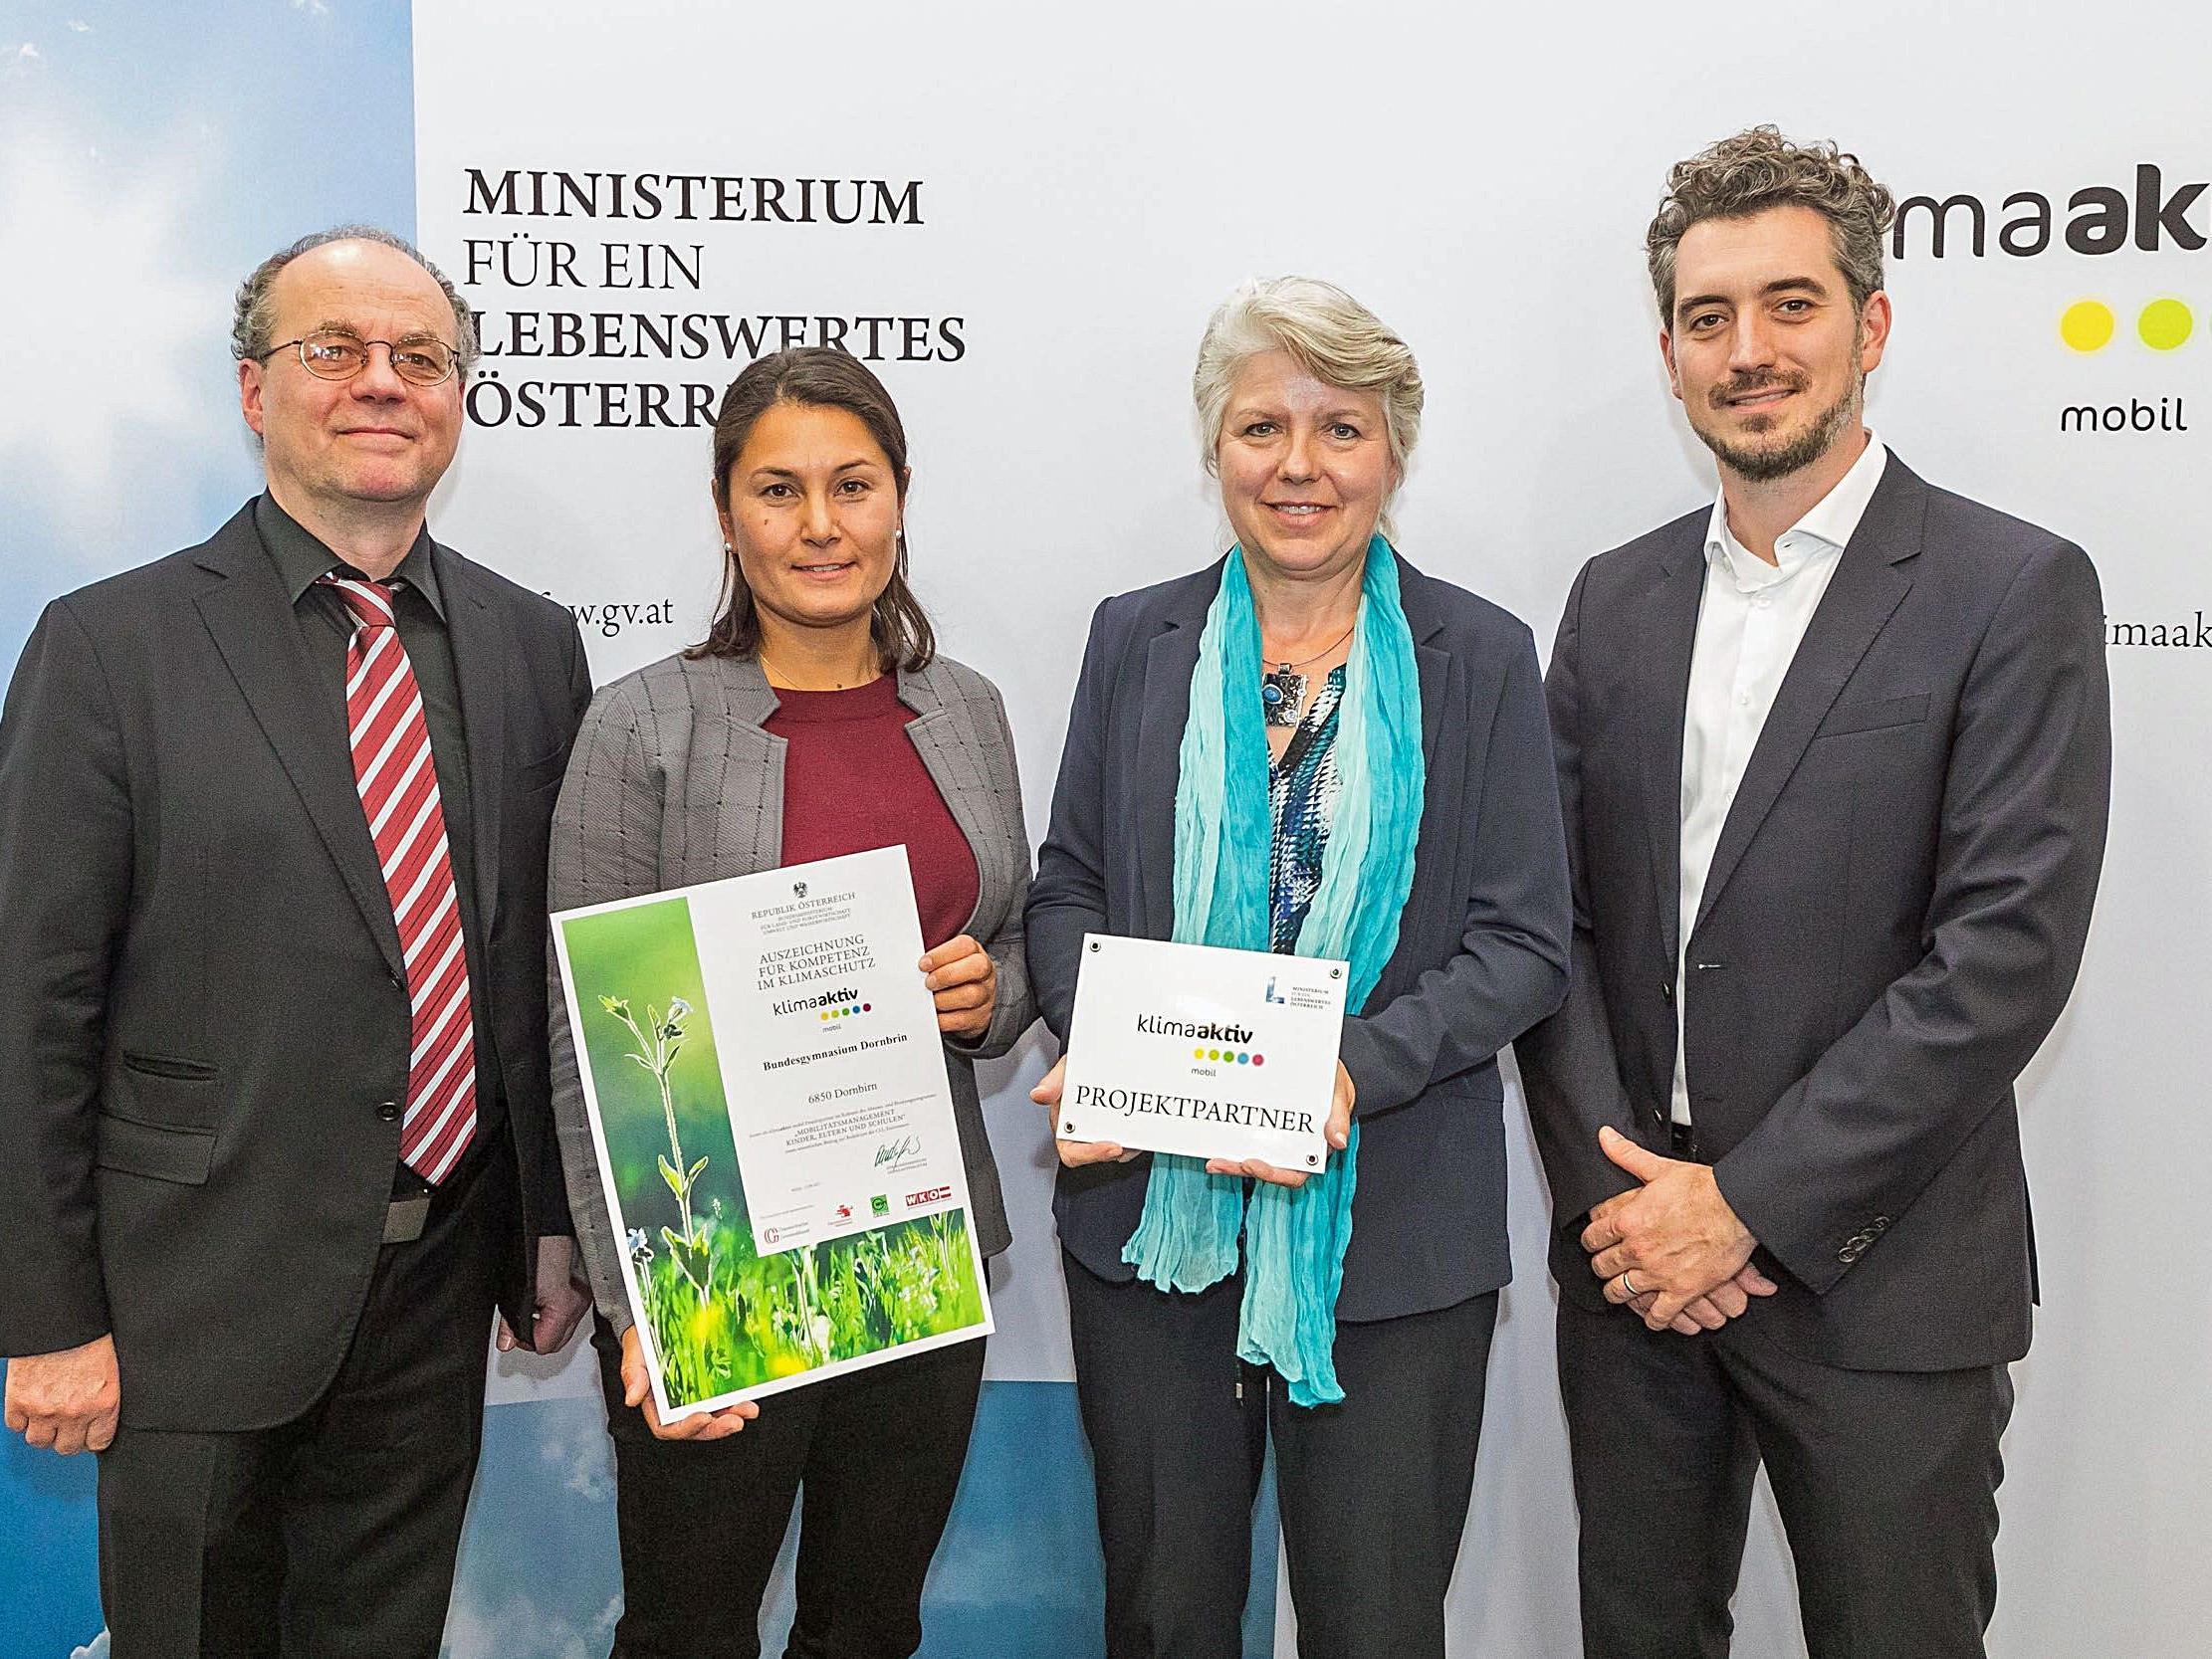 Das BGD wurde für die Umsetzung zahlreicher Aktivitäten hinsichtlich nachhaltiger, umweltfreundlicher Mobilität ausgezeichnet.